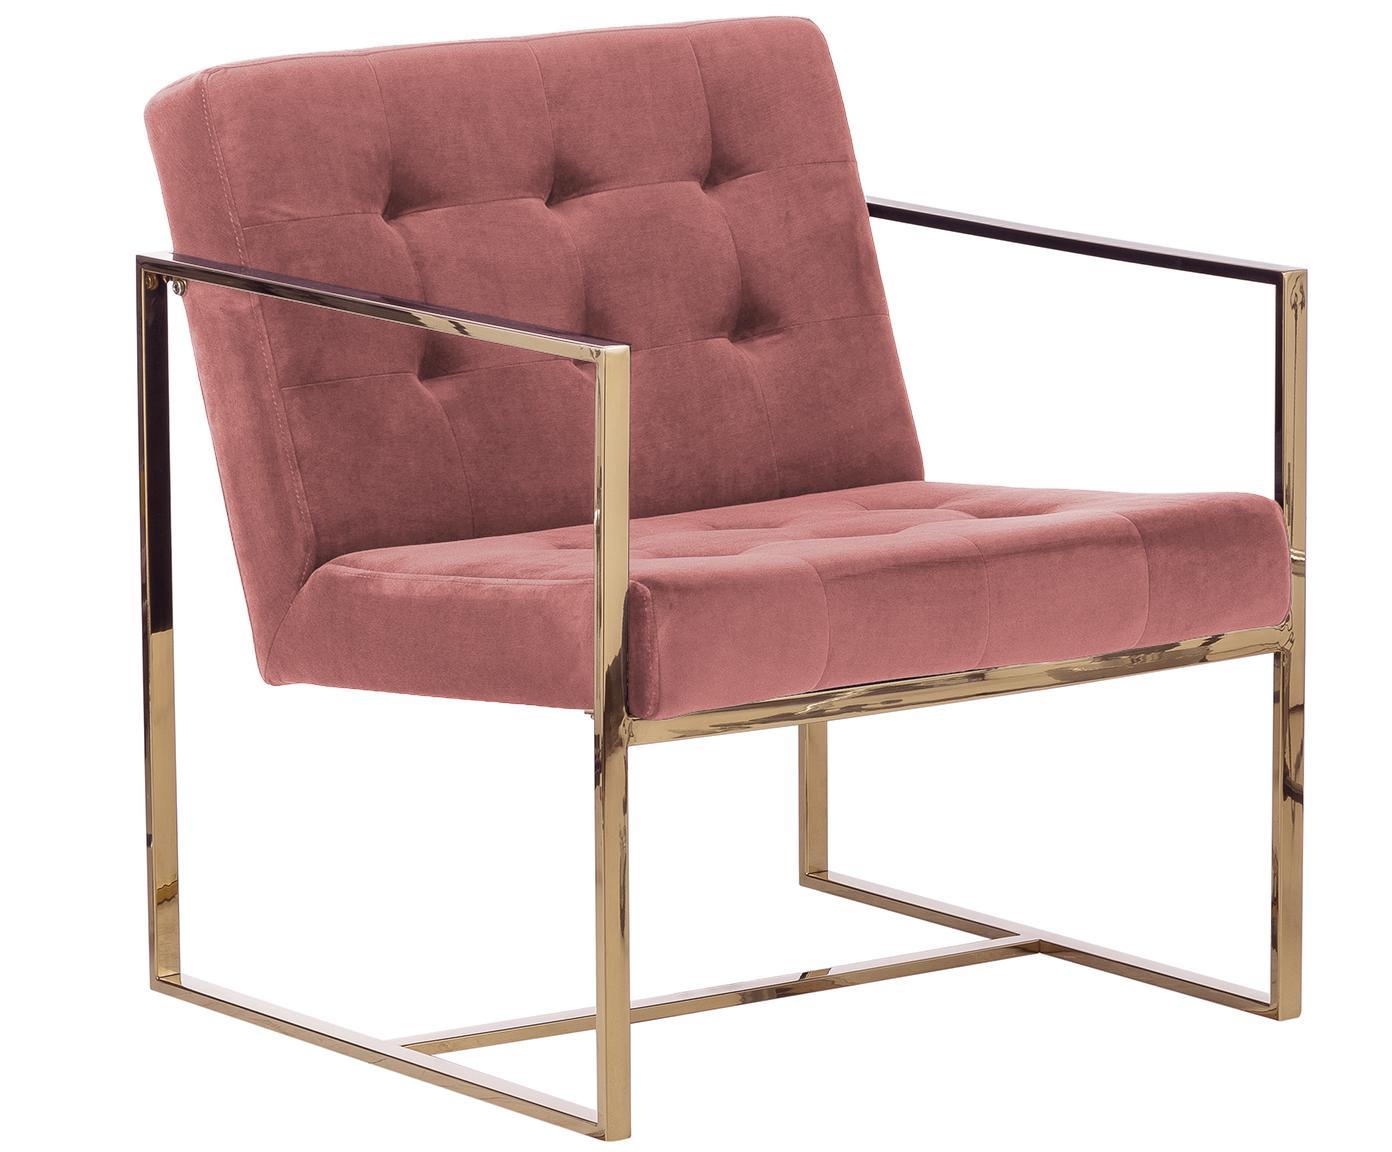 Fotel z aksamitu Manhattan, Tapicerka: aksamit (poliester), Stelaż: metal powlekany, Brudny różowy, S 70 x G 72 cm